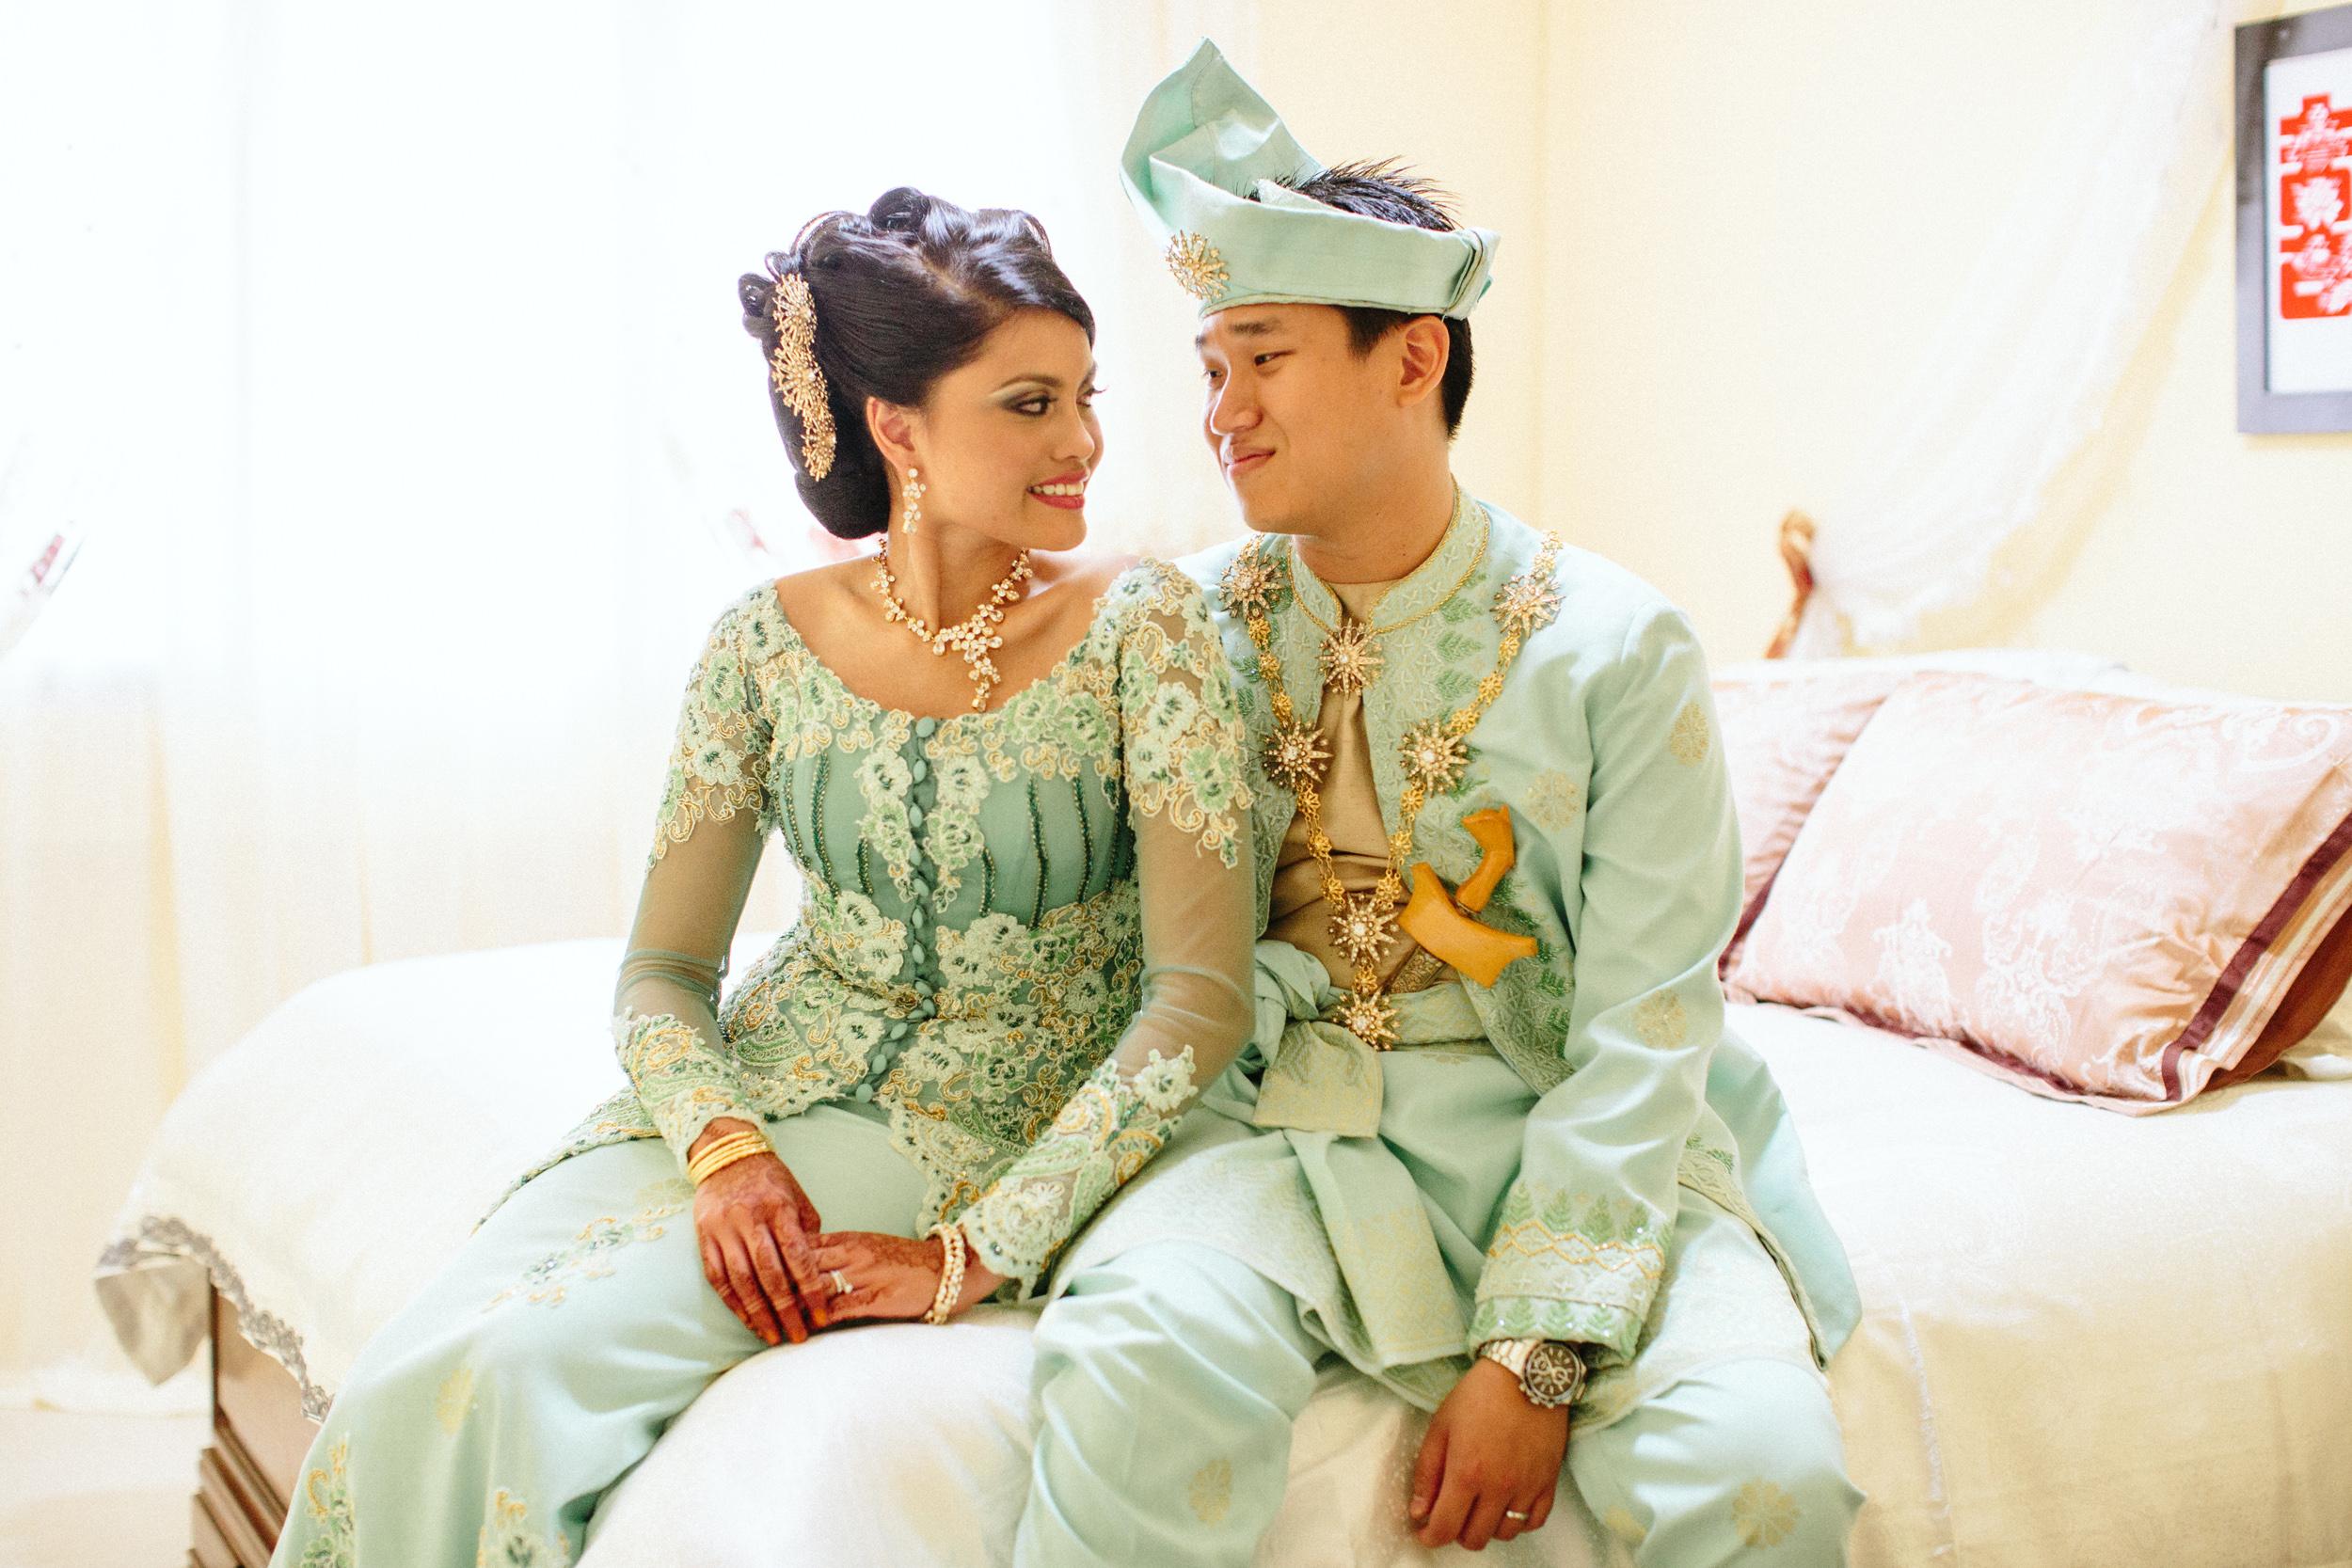 singapore-wedding-photographer-wemadethese-shikin-yanho-062.jpg